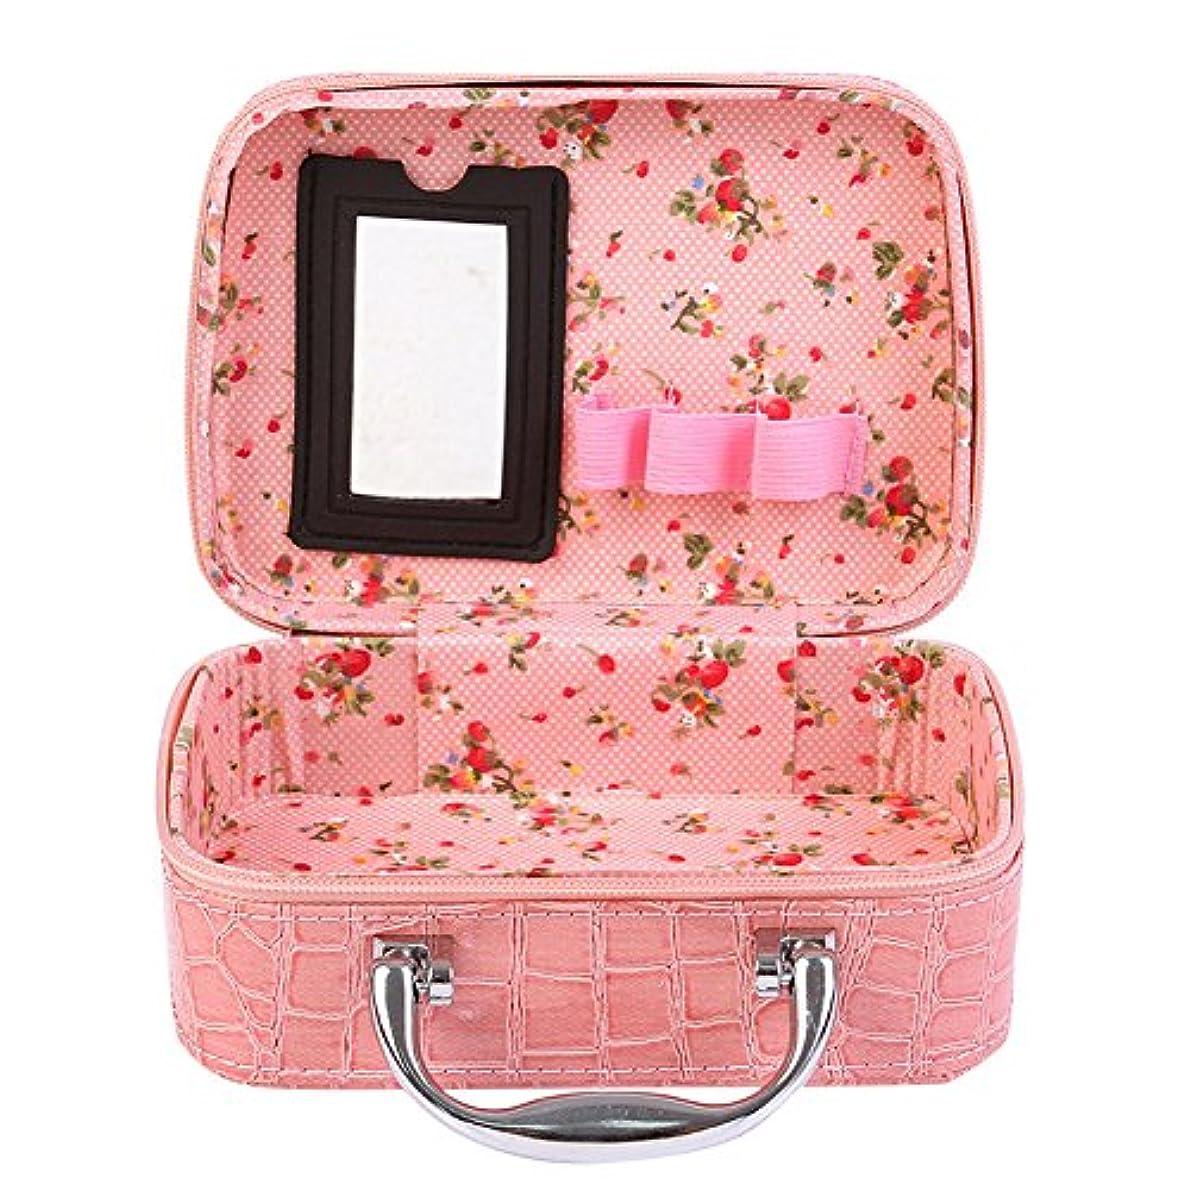 フィヨルドスラム街突っ込むメイクボックス 化粧ポーチ バニティーポーチ 化粧バッグ ミラー付き旅行や外出用化粧道具や小物収納ケース 高品質多容量 (ピンク)